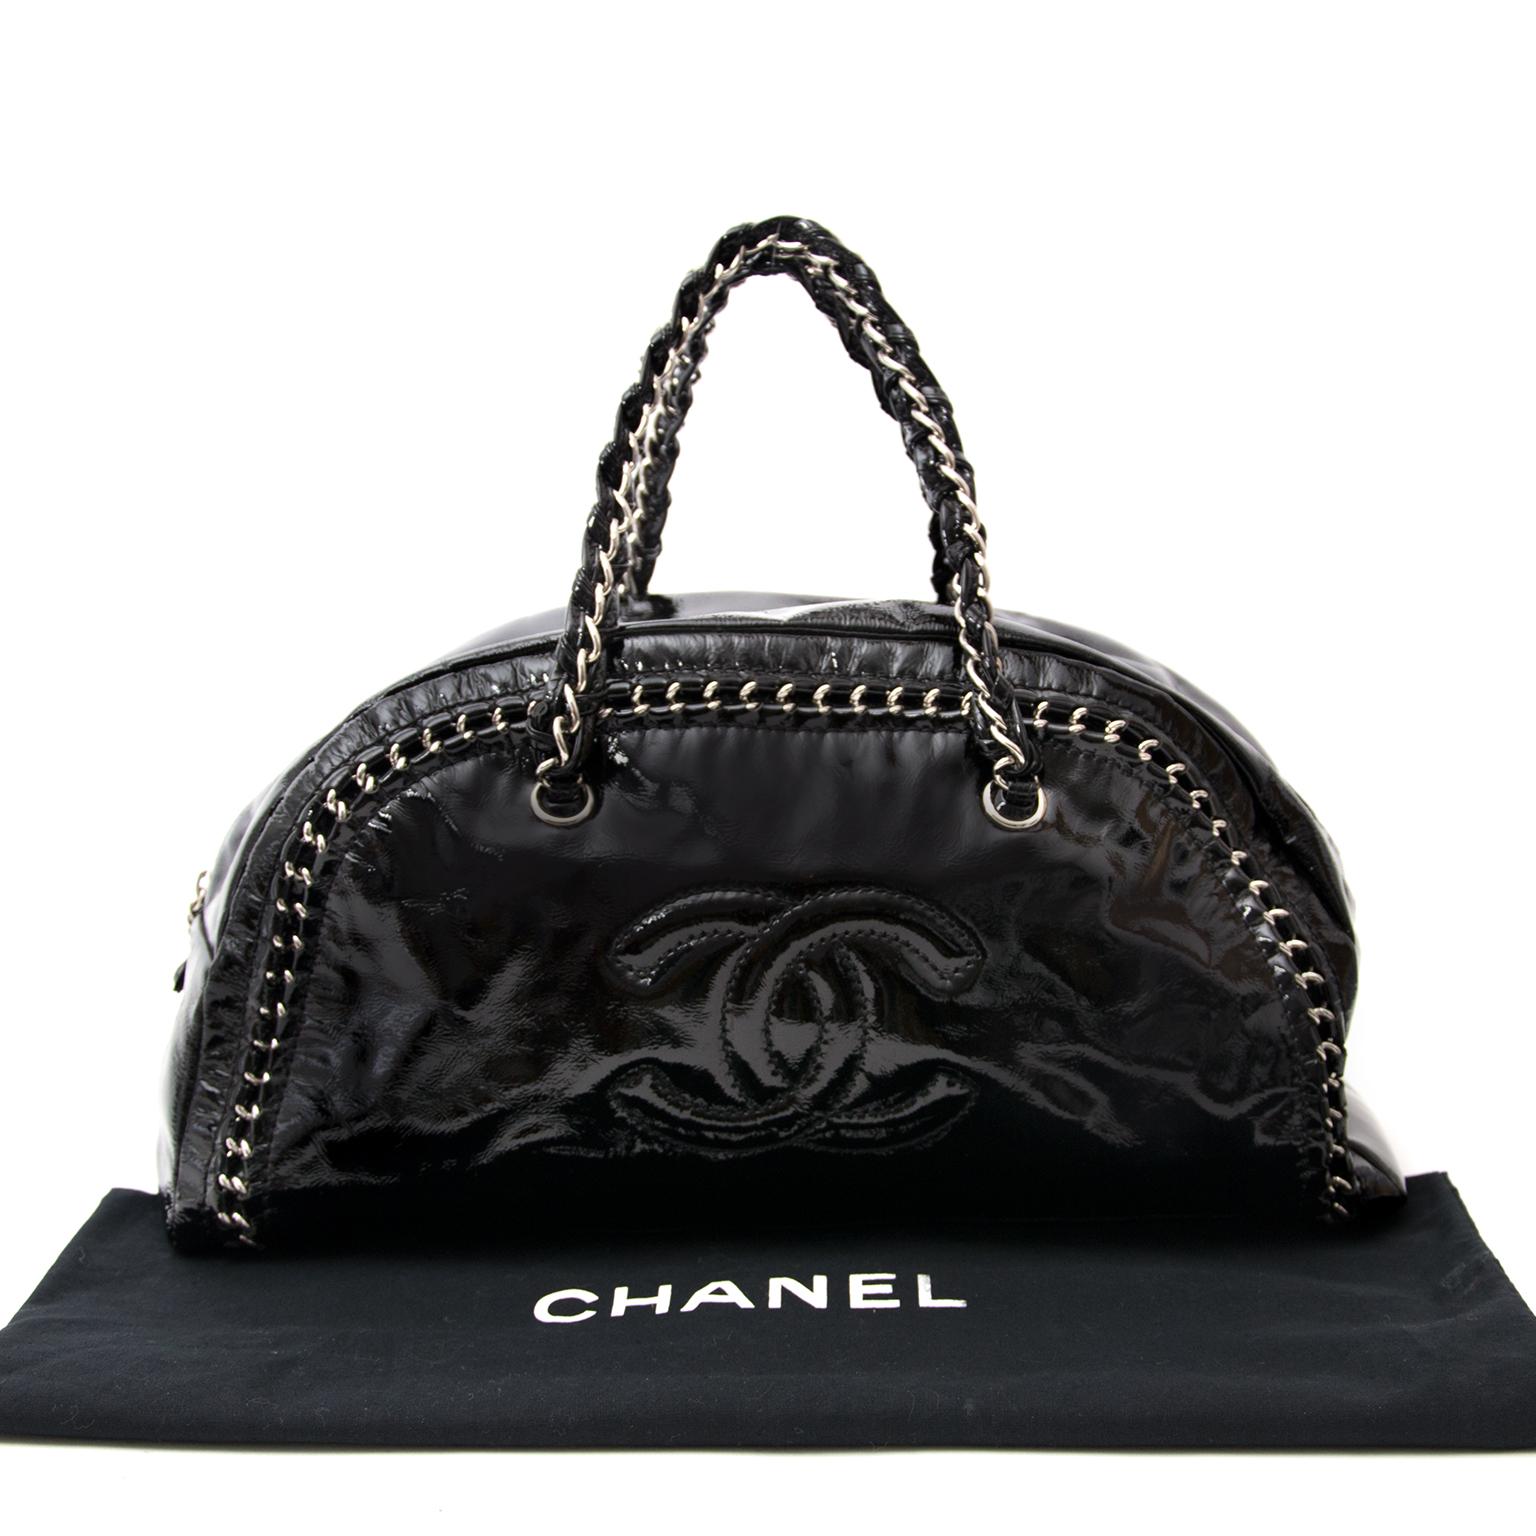 d5296506387ee3 ... koop veilig tweedehands zwarte Chanel handtas aan aan de beste prijs